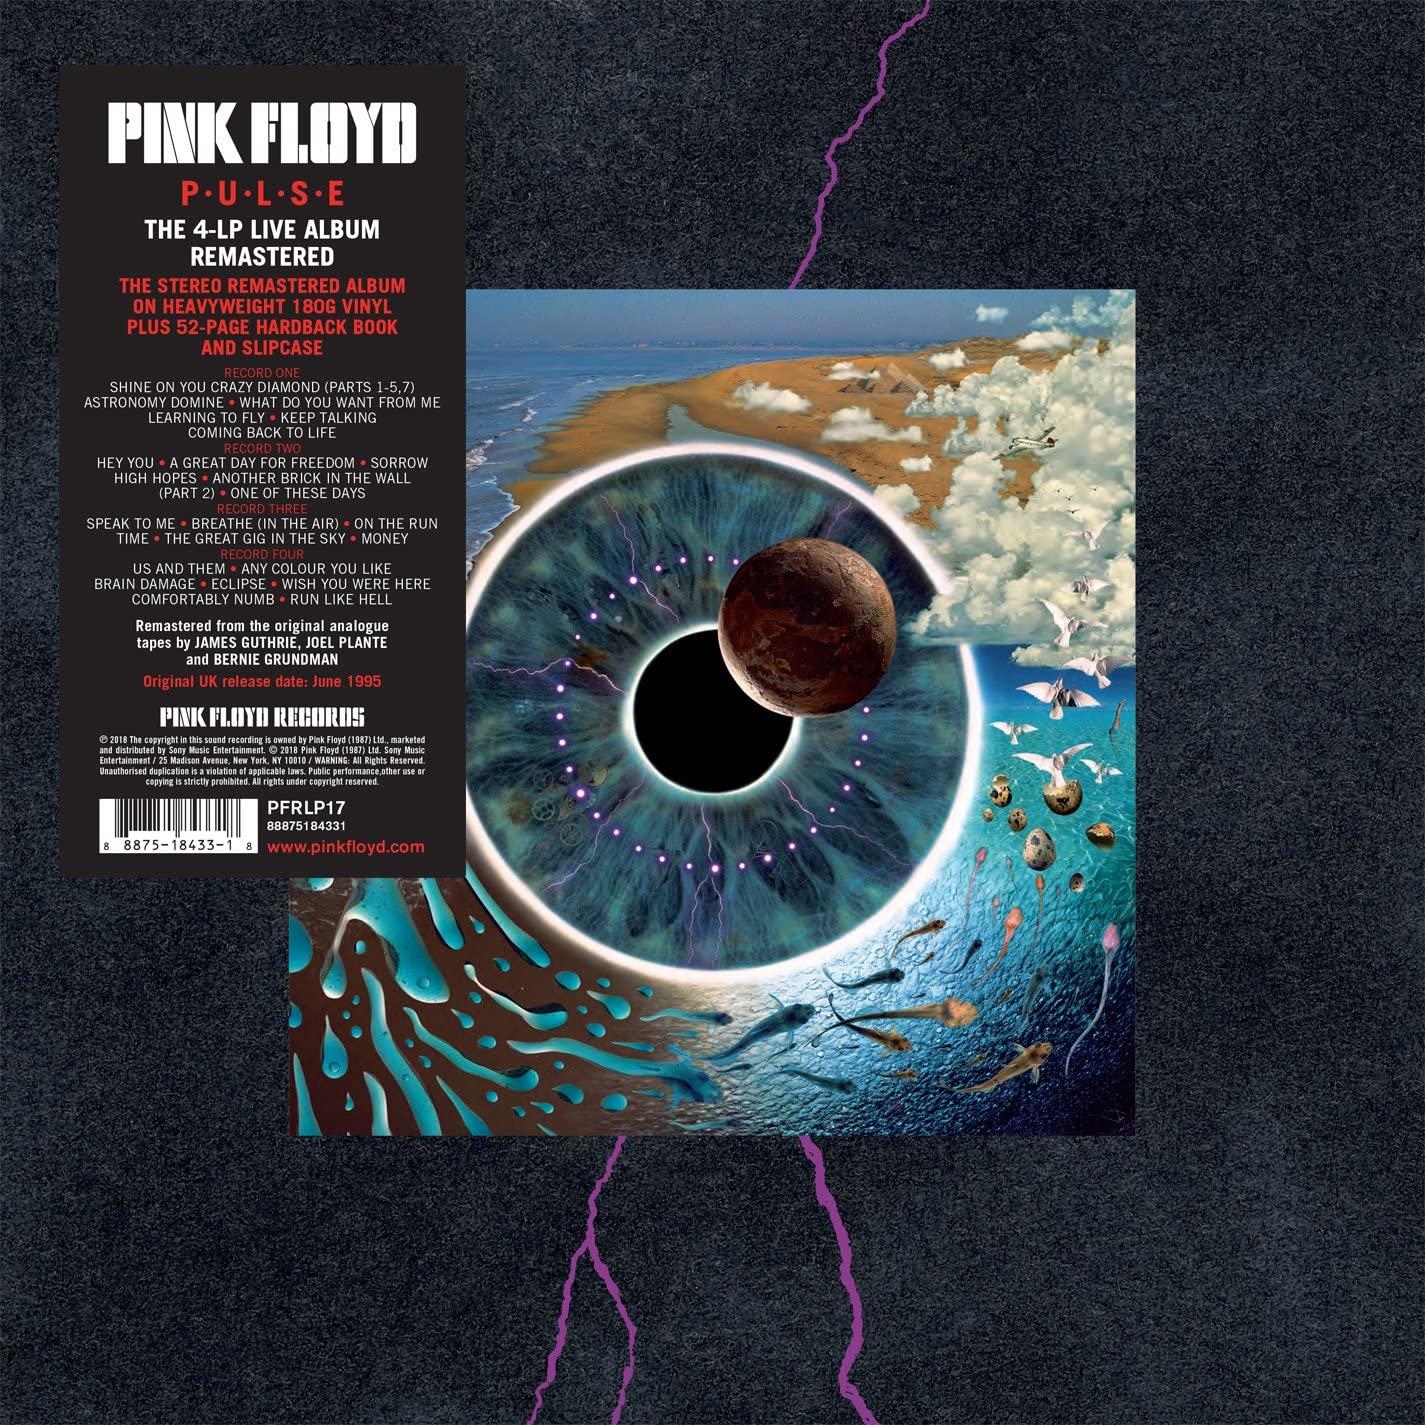 Pink Floyd P.U.L.S.E - box 4 LP + book 52 pages [VINYL] LP, Box Set £76.74 at Amazon